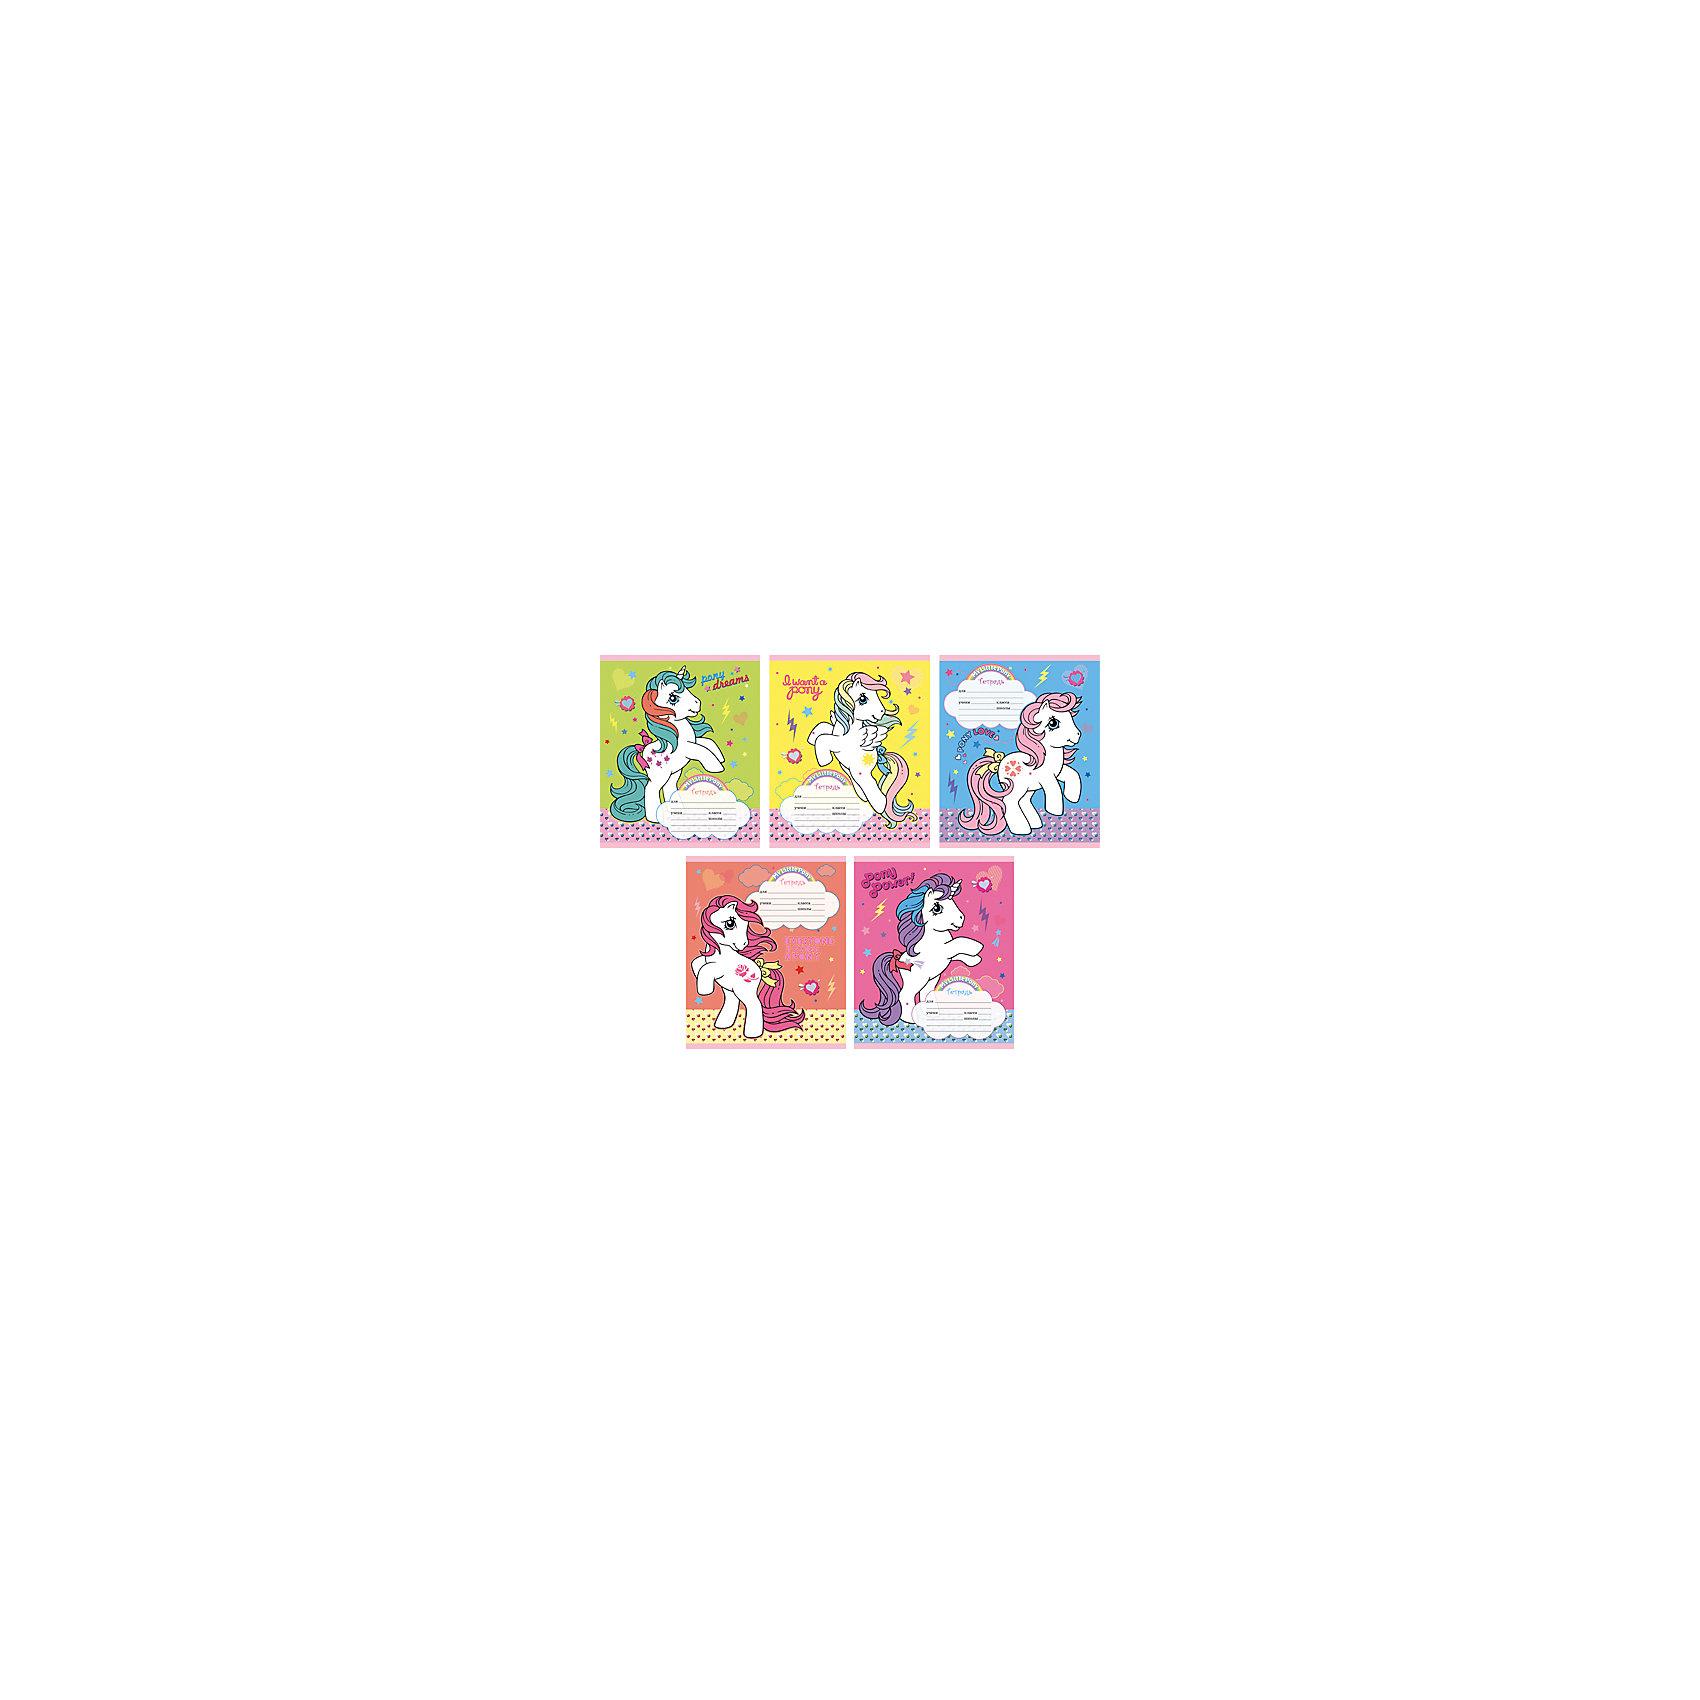 Тетрадь в линейкуMy Little Pony, 18 лС очаровательными тетрадками в линейку My Little Pony учиться будет еще интересней! Яркие привлекательные обложки с тематикой любимого мультсериала несомненно понравится ребенку и помогут ему с легкость открыть дверь в мир знаний!<br><br>Дополнительная информация:<br>Обложка: мелованный картон, выборочный лак, блестки<br>Количество листов: 12<br>Скрепление: скрепка<br>Бумага: офсет, плотностью 60 г/м2<br>Тетради в линейку My Little Pony можно купить в нашем интернет-магазине.<br><br>Ширина мм: 210<br>Глубина мм: 148<br>Высота мм: 4<br>Вес г: 52<br>Возраст от месяцев: 72<br>Возраст до месяцев: 2147483647<br>Пол: Унисекс<br>Возраст: Детский<br>SKU: 4942496